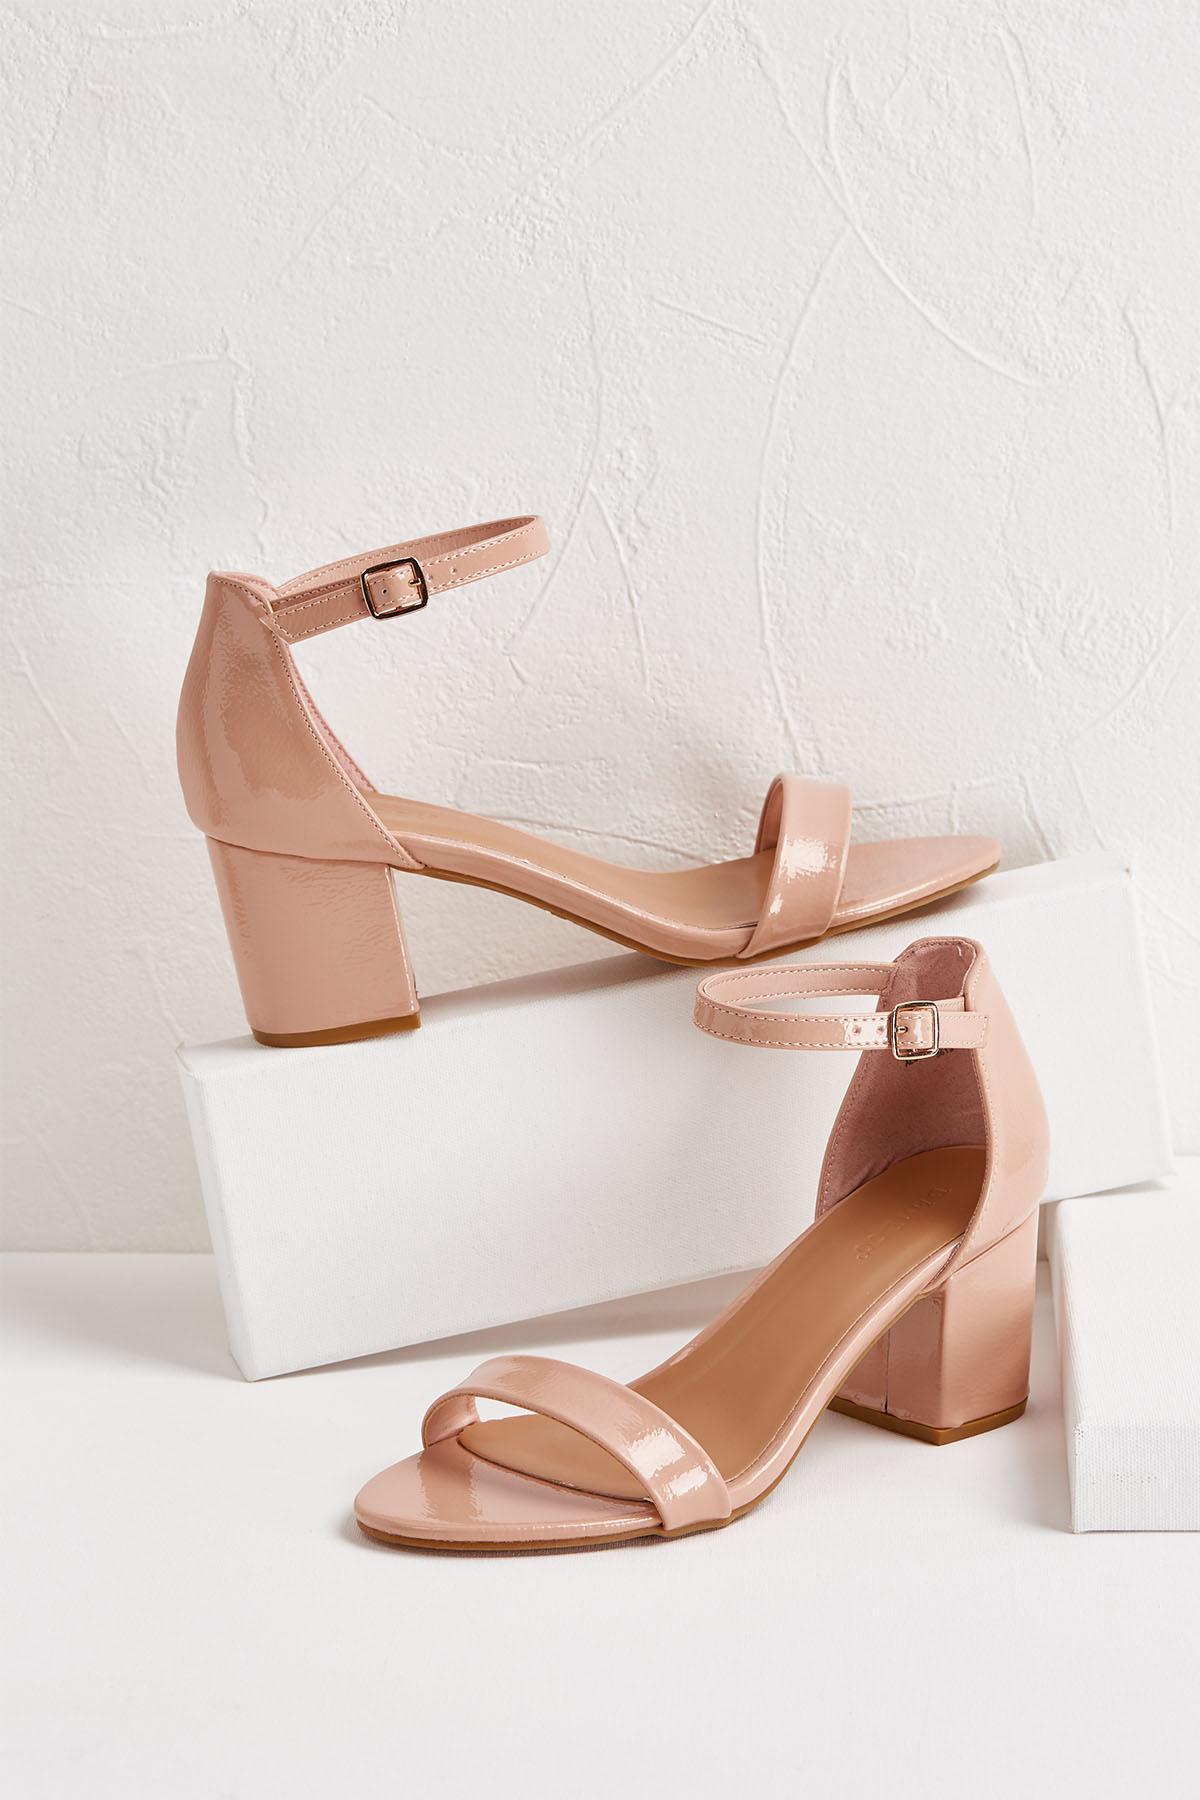 Patent Low Block Heels